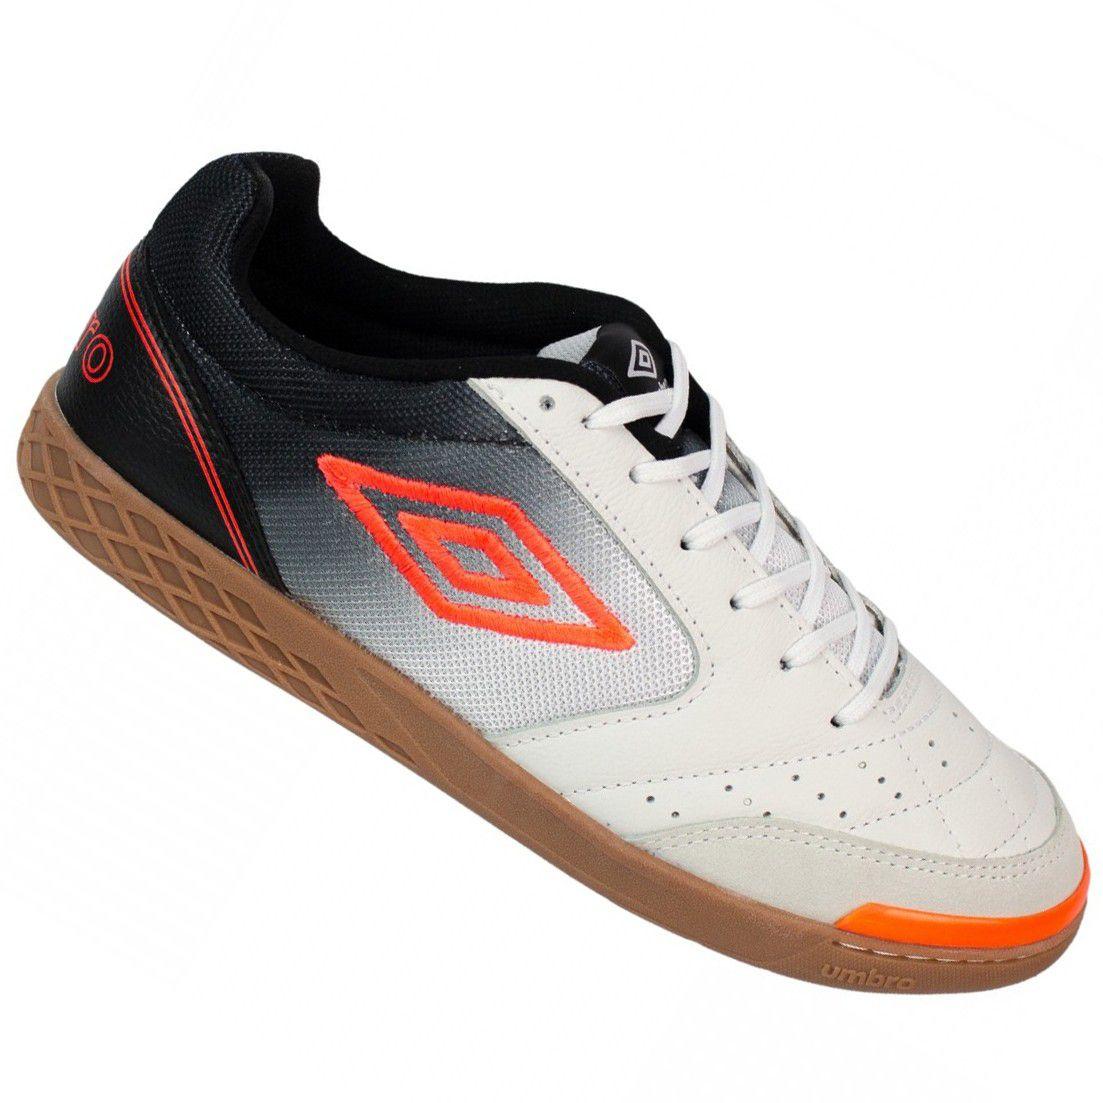 a6a76f7138b Chuteira Nike Beco 2 Futsal Ref 646433-005 - Sportland